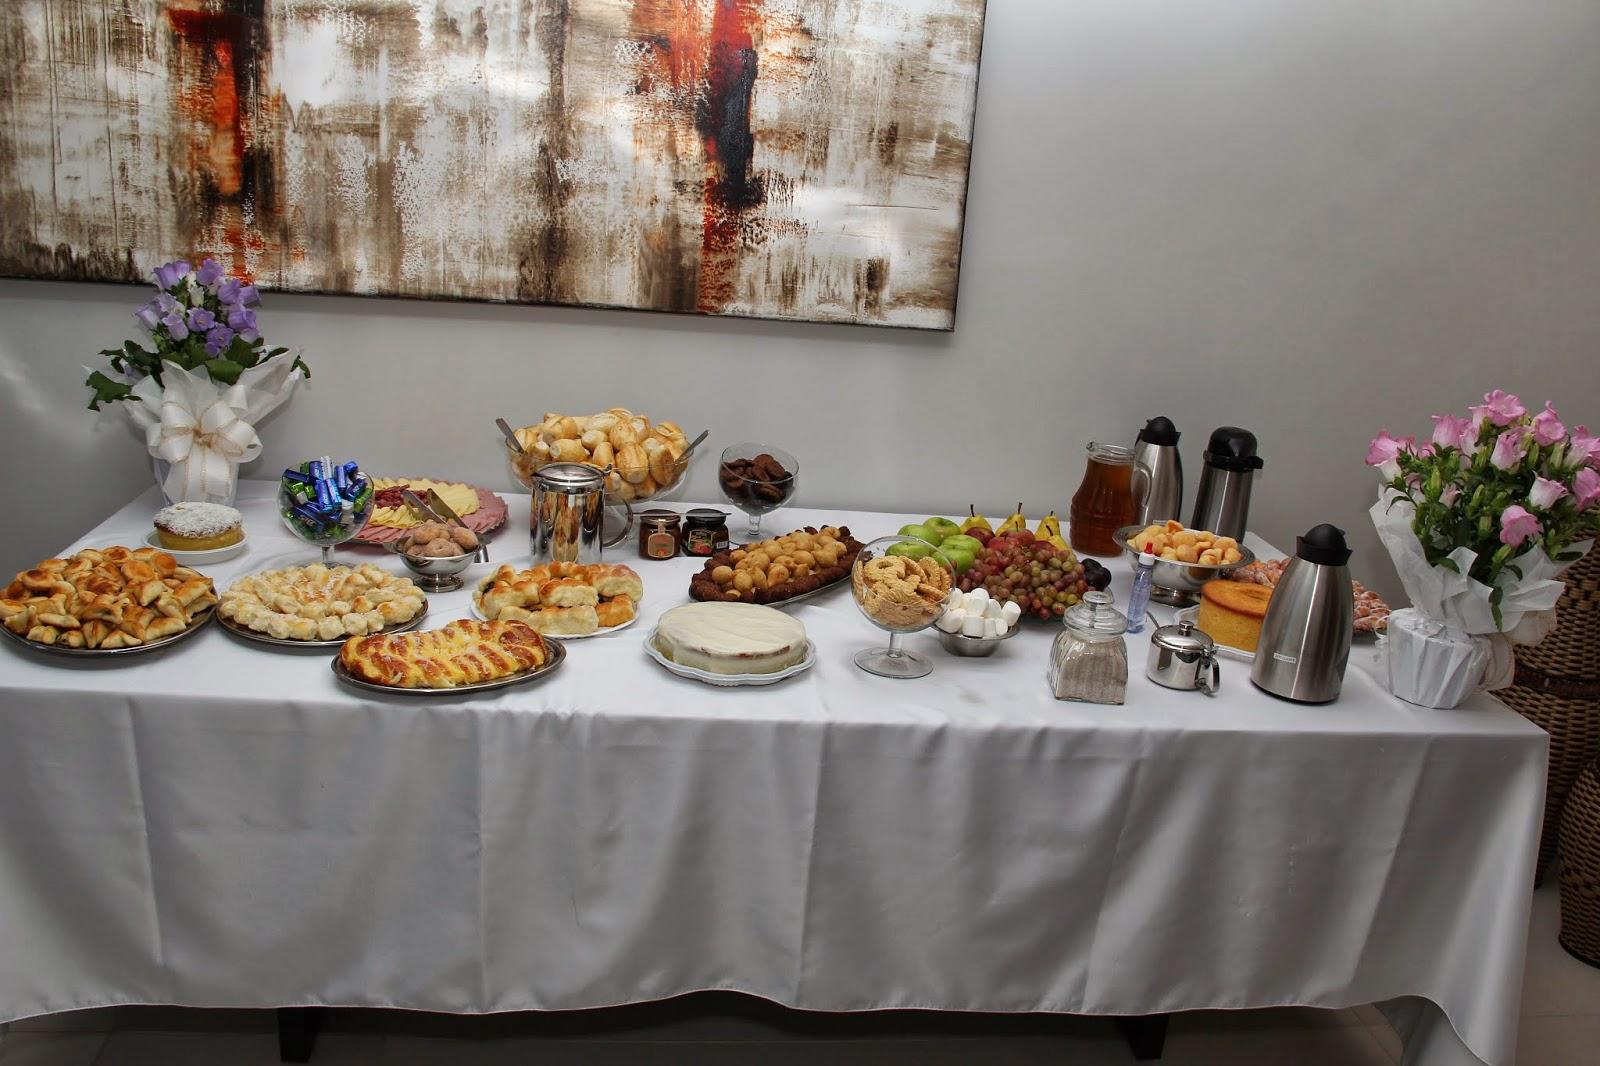 Emiliana: Dicas de Festa 2 como organizar um café da manhã #996832 1600x1066 Acessorios Banheiro Uberlandia